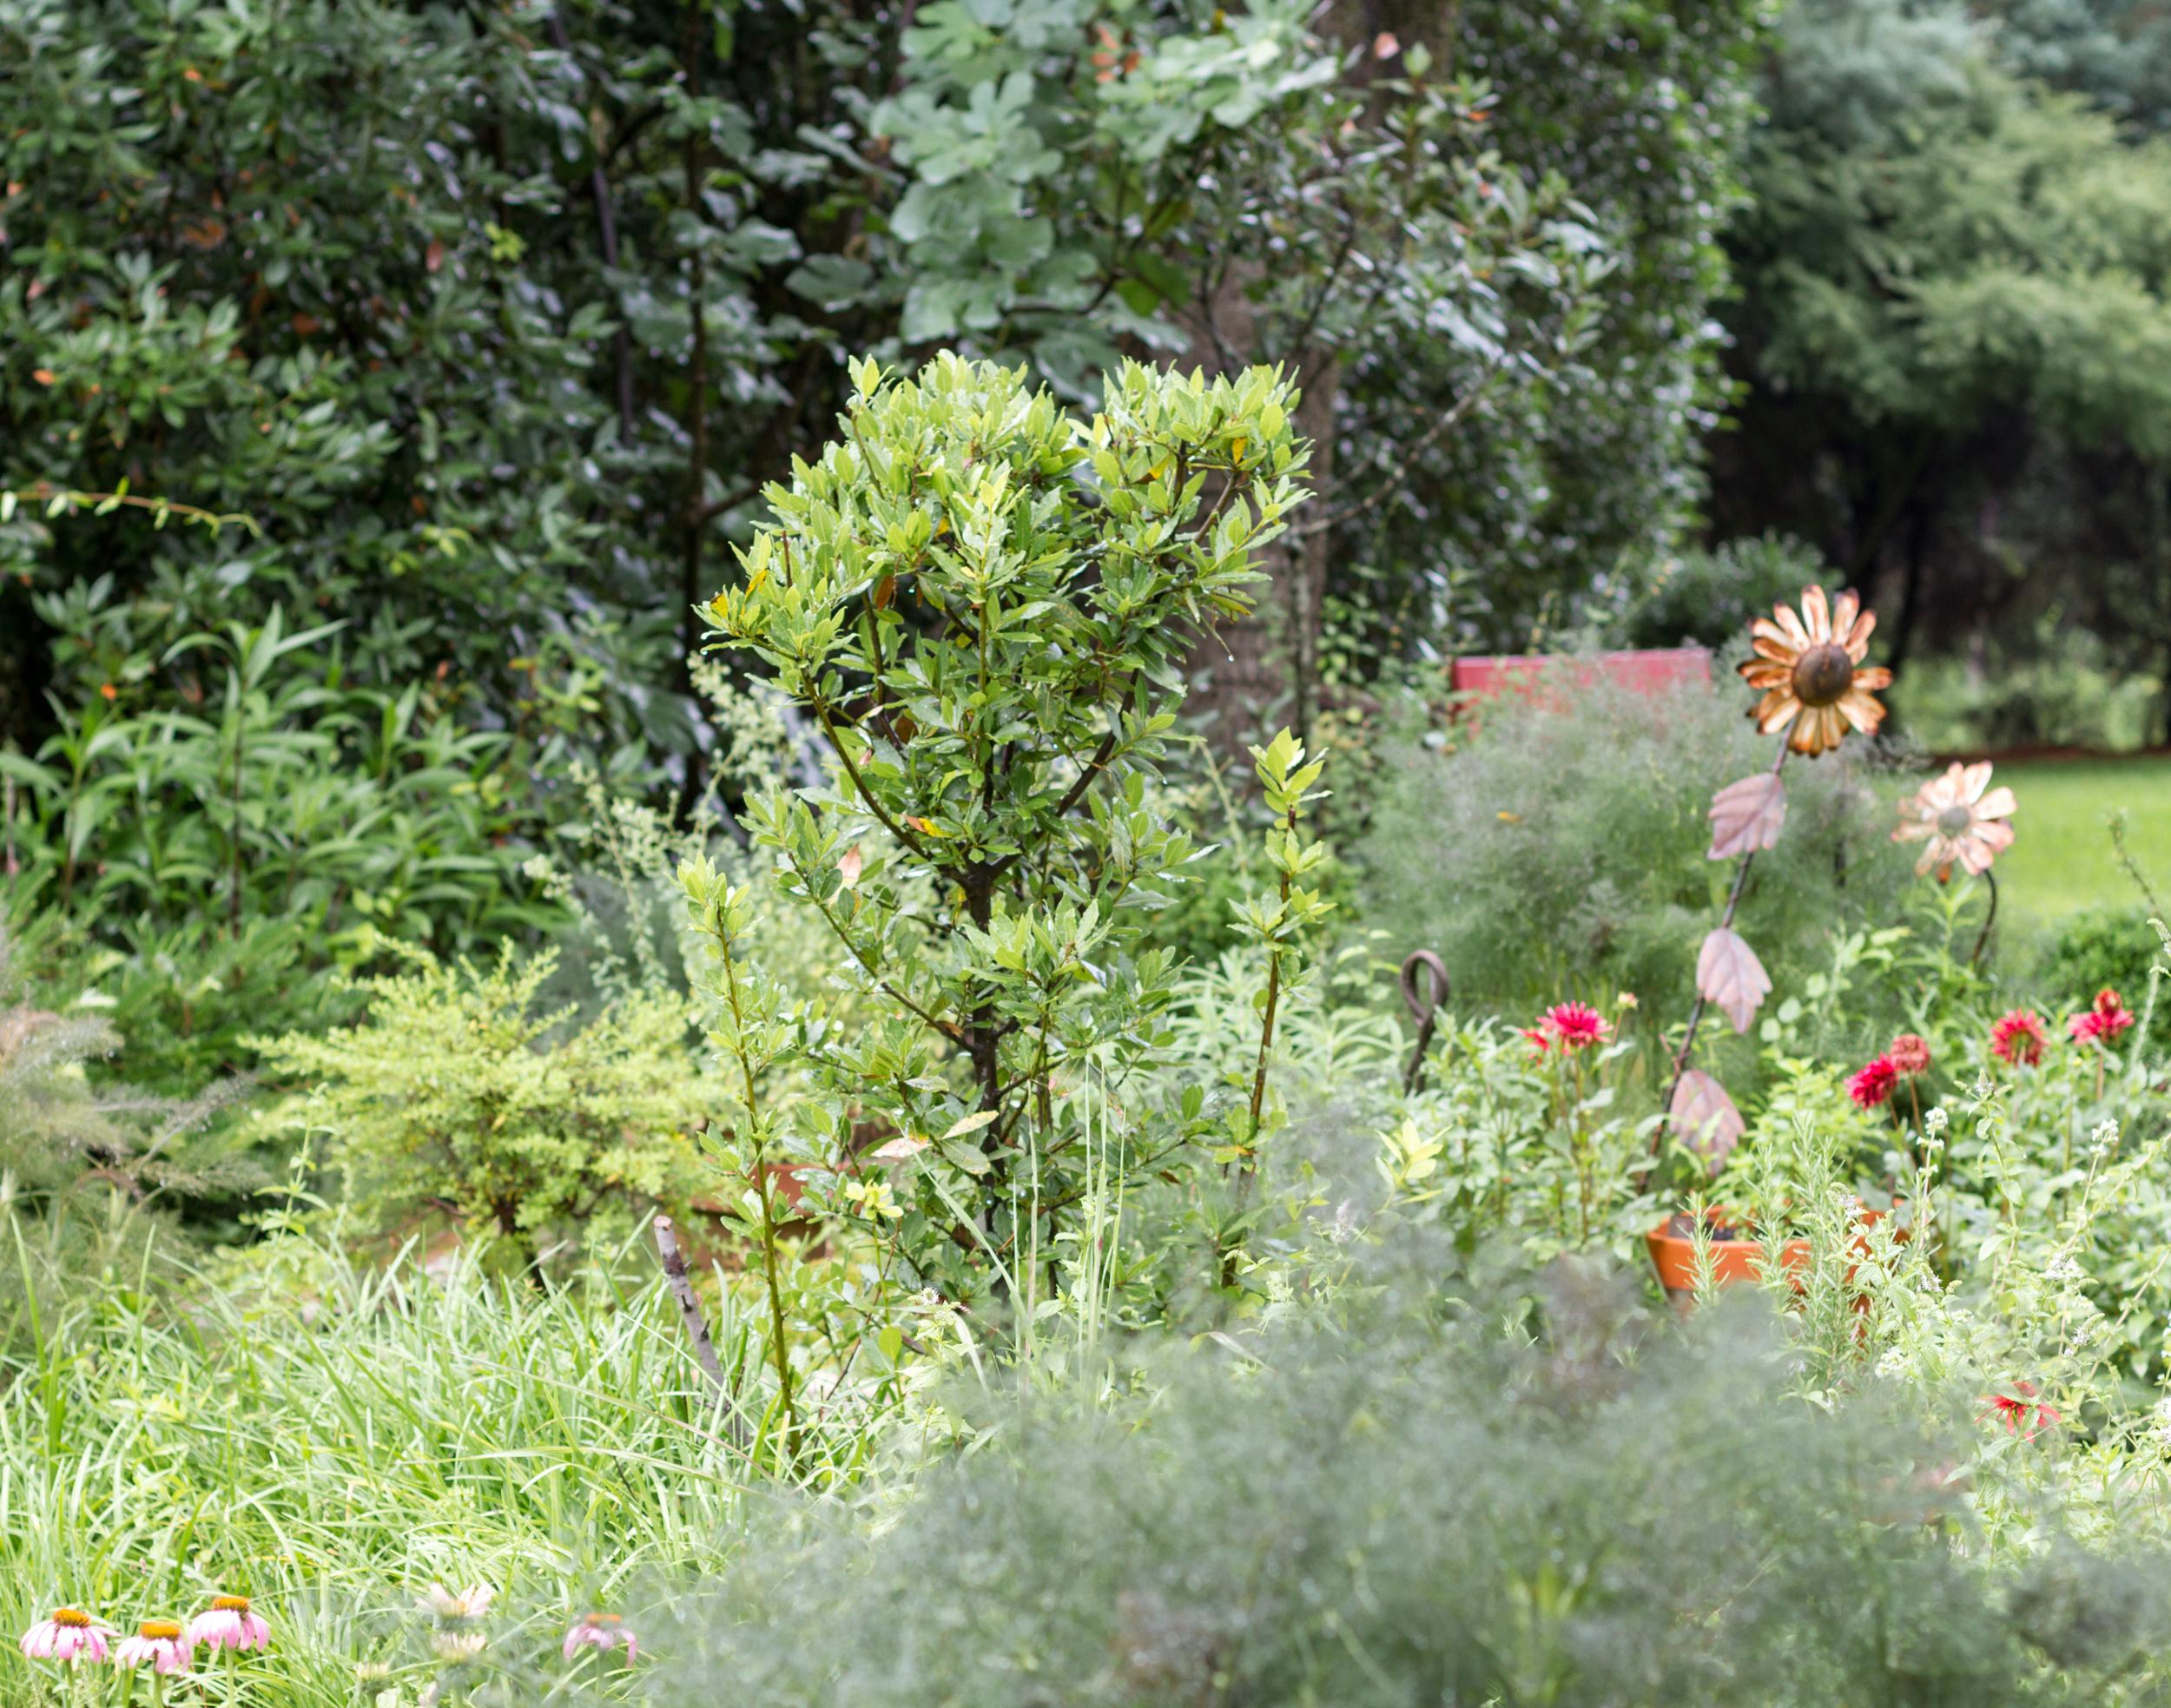 Rustically kept bay tree in the herb garden at Ecco Qua.